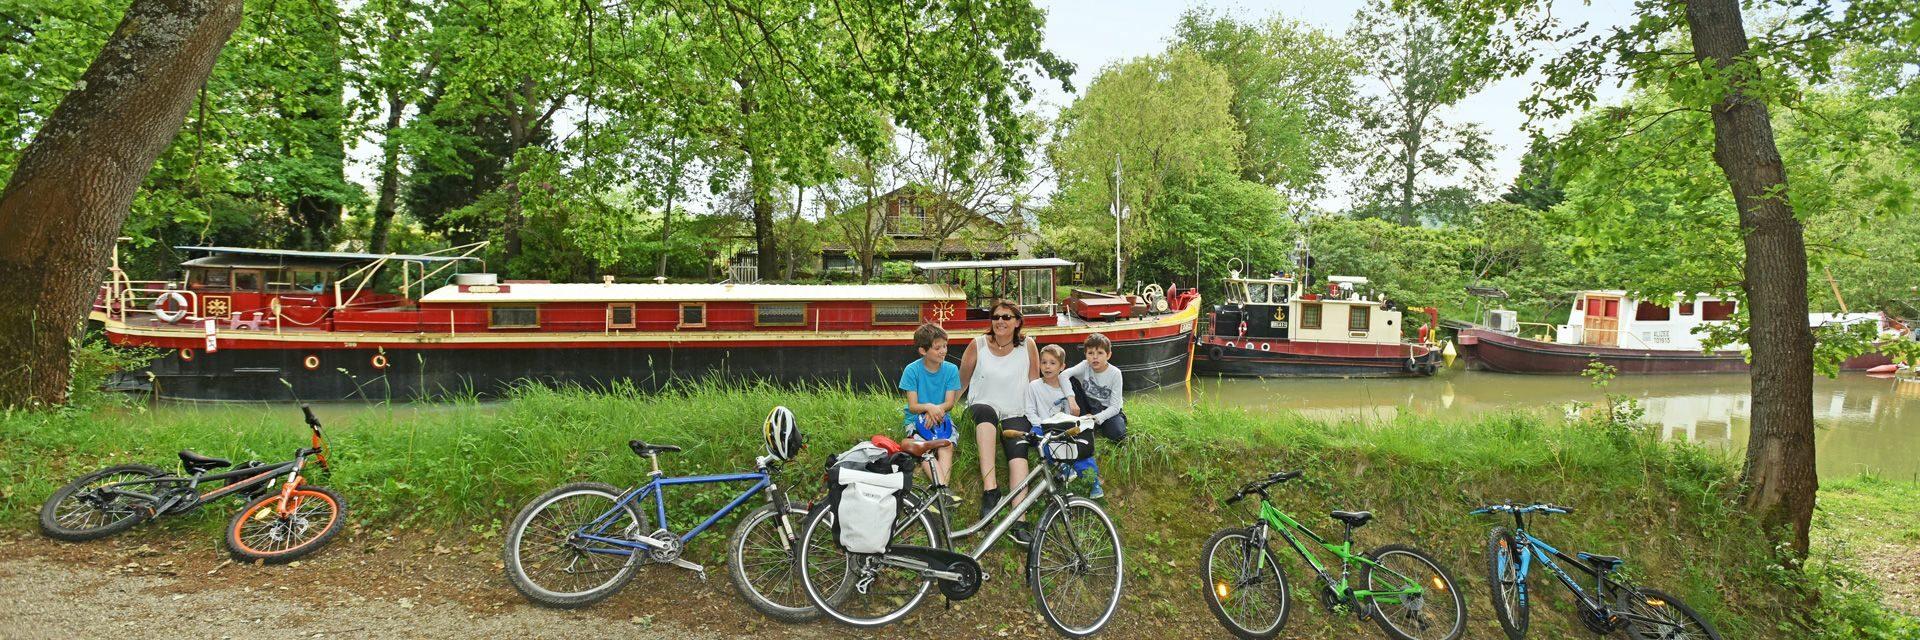 Canal du Midi Gardouch